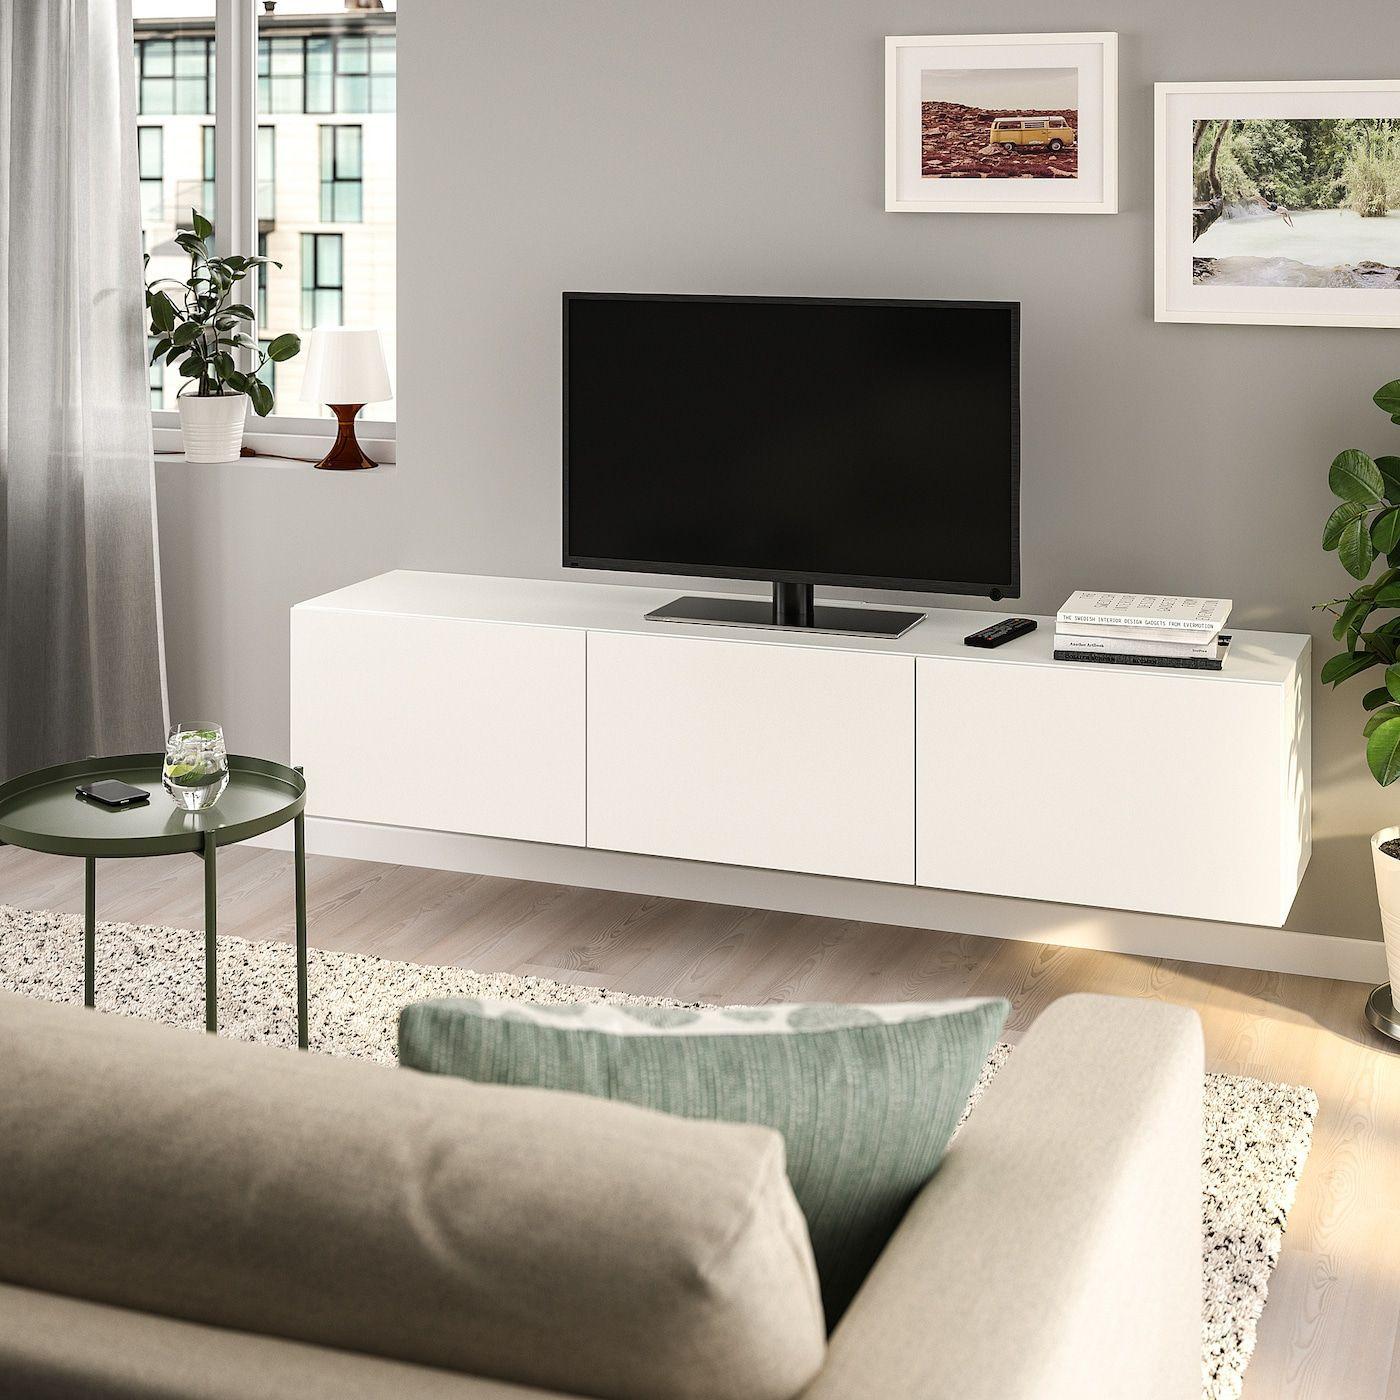 Besta Tv Bank Mit Turen Weiss Lappviken Weiss Ikea Ikea Fikirleri Ev Dekorasyonu Ev Dekorasyon Fikirleri